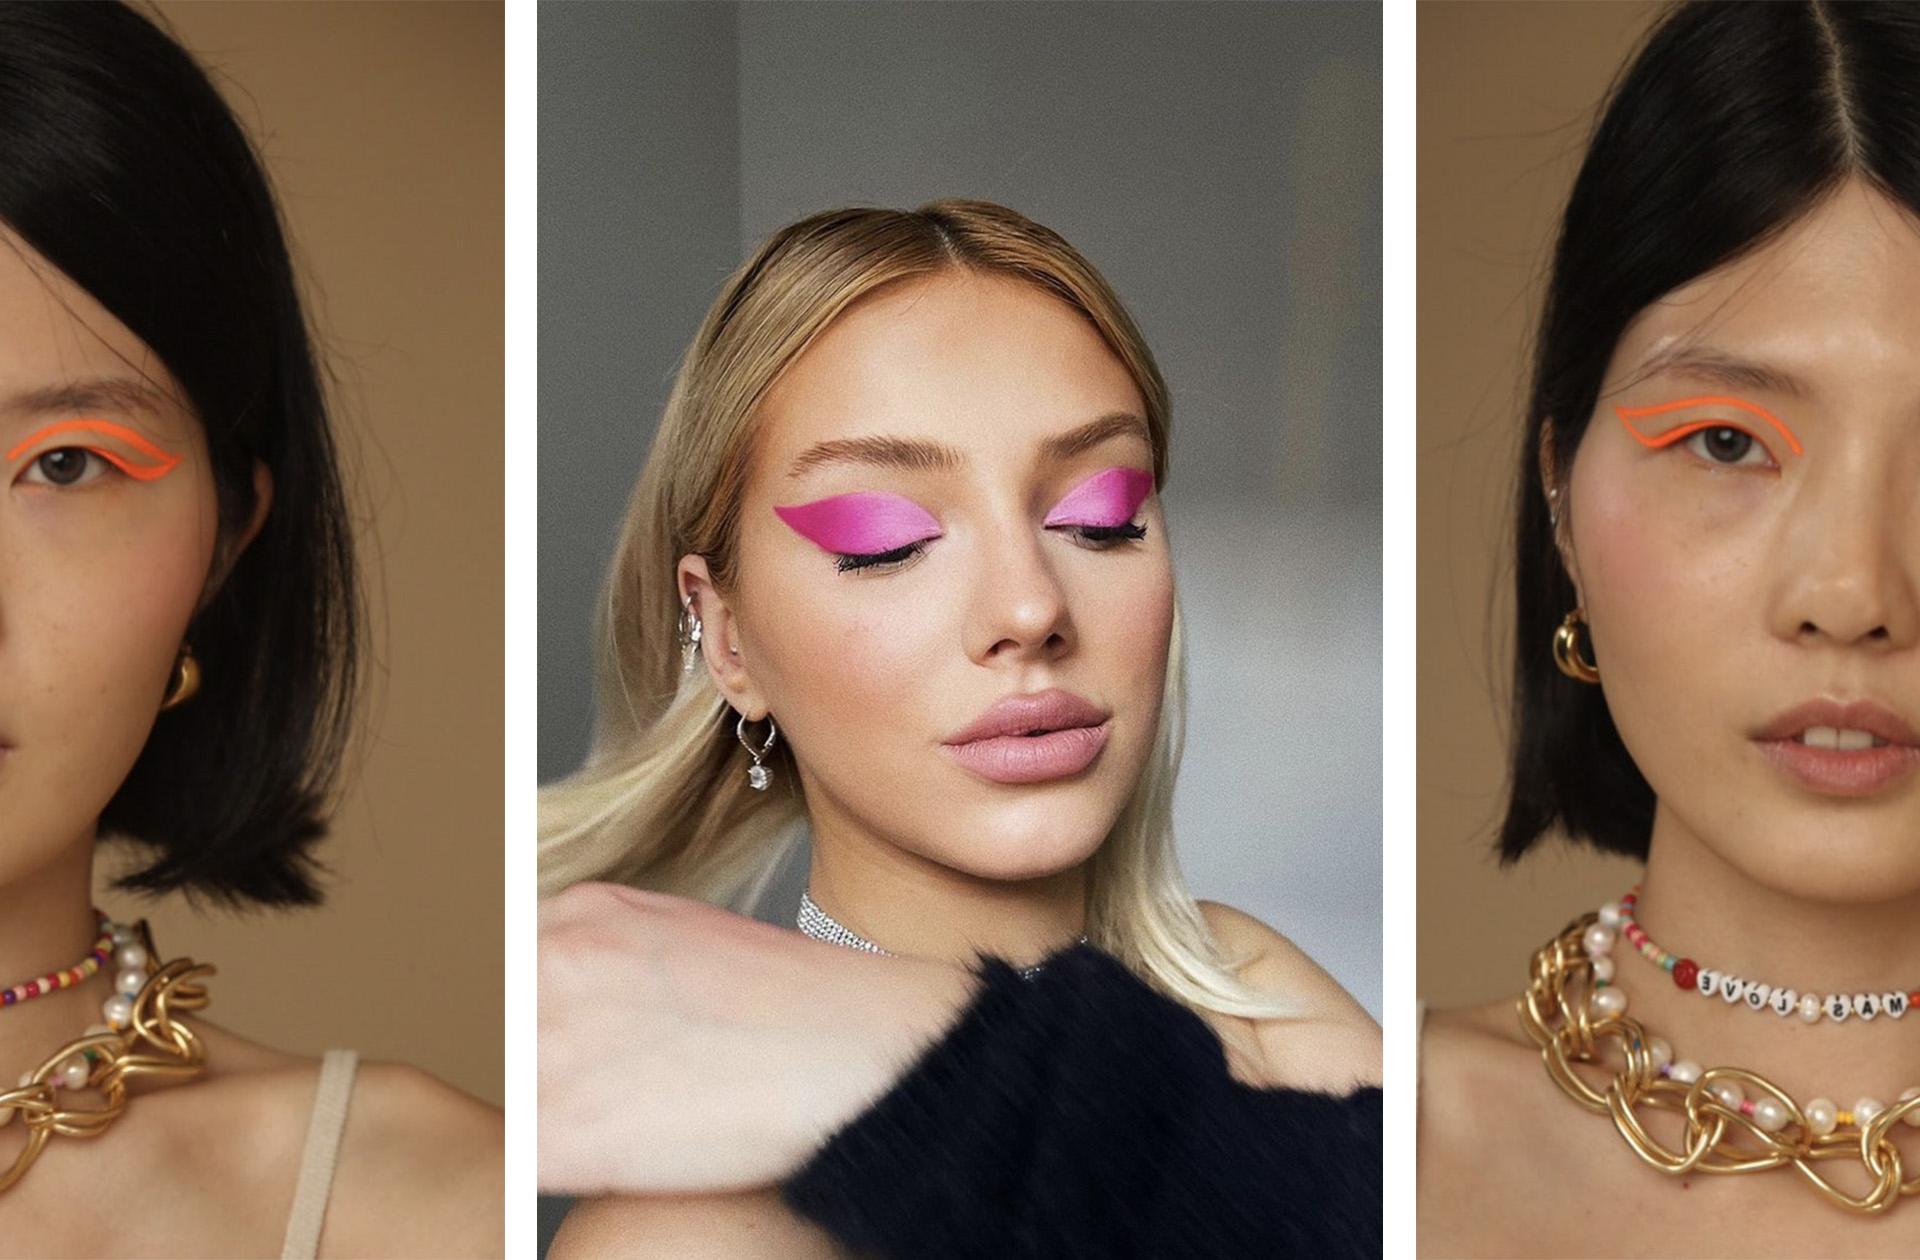 Le retour du makeup néon ne surprend personne mais il fait quand même plaisir